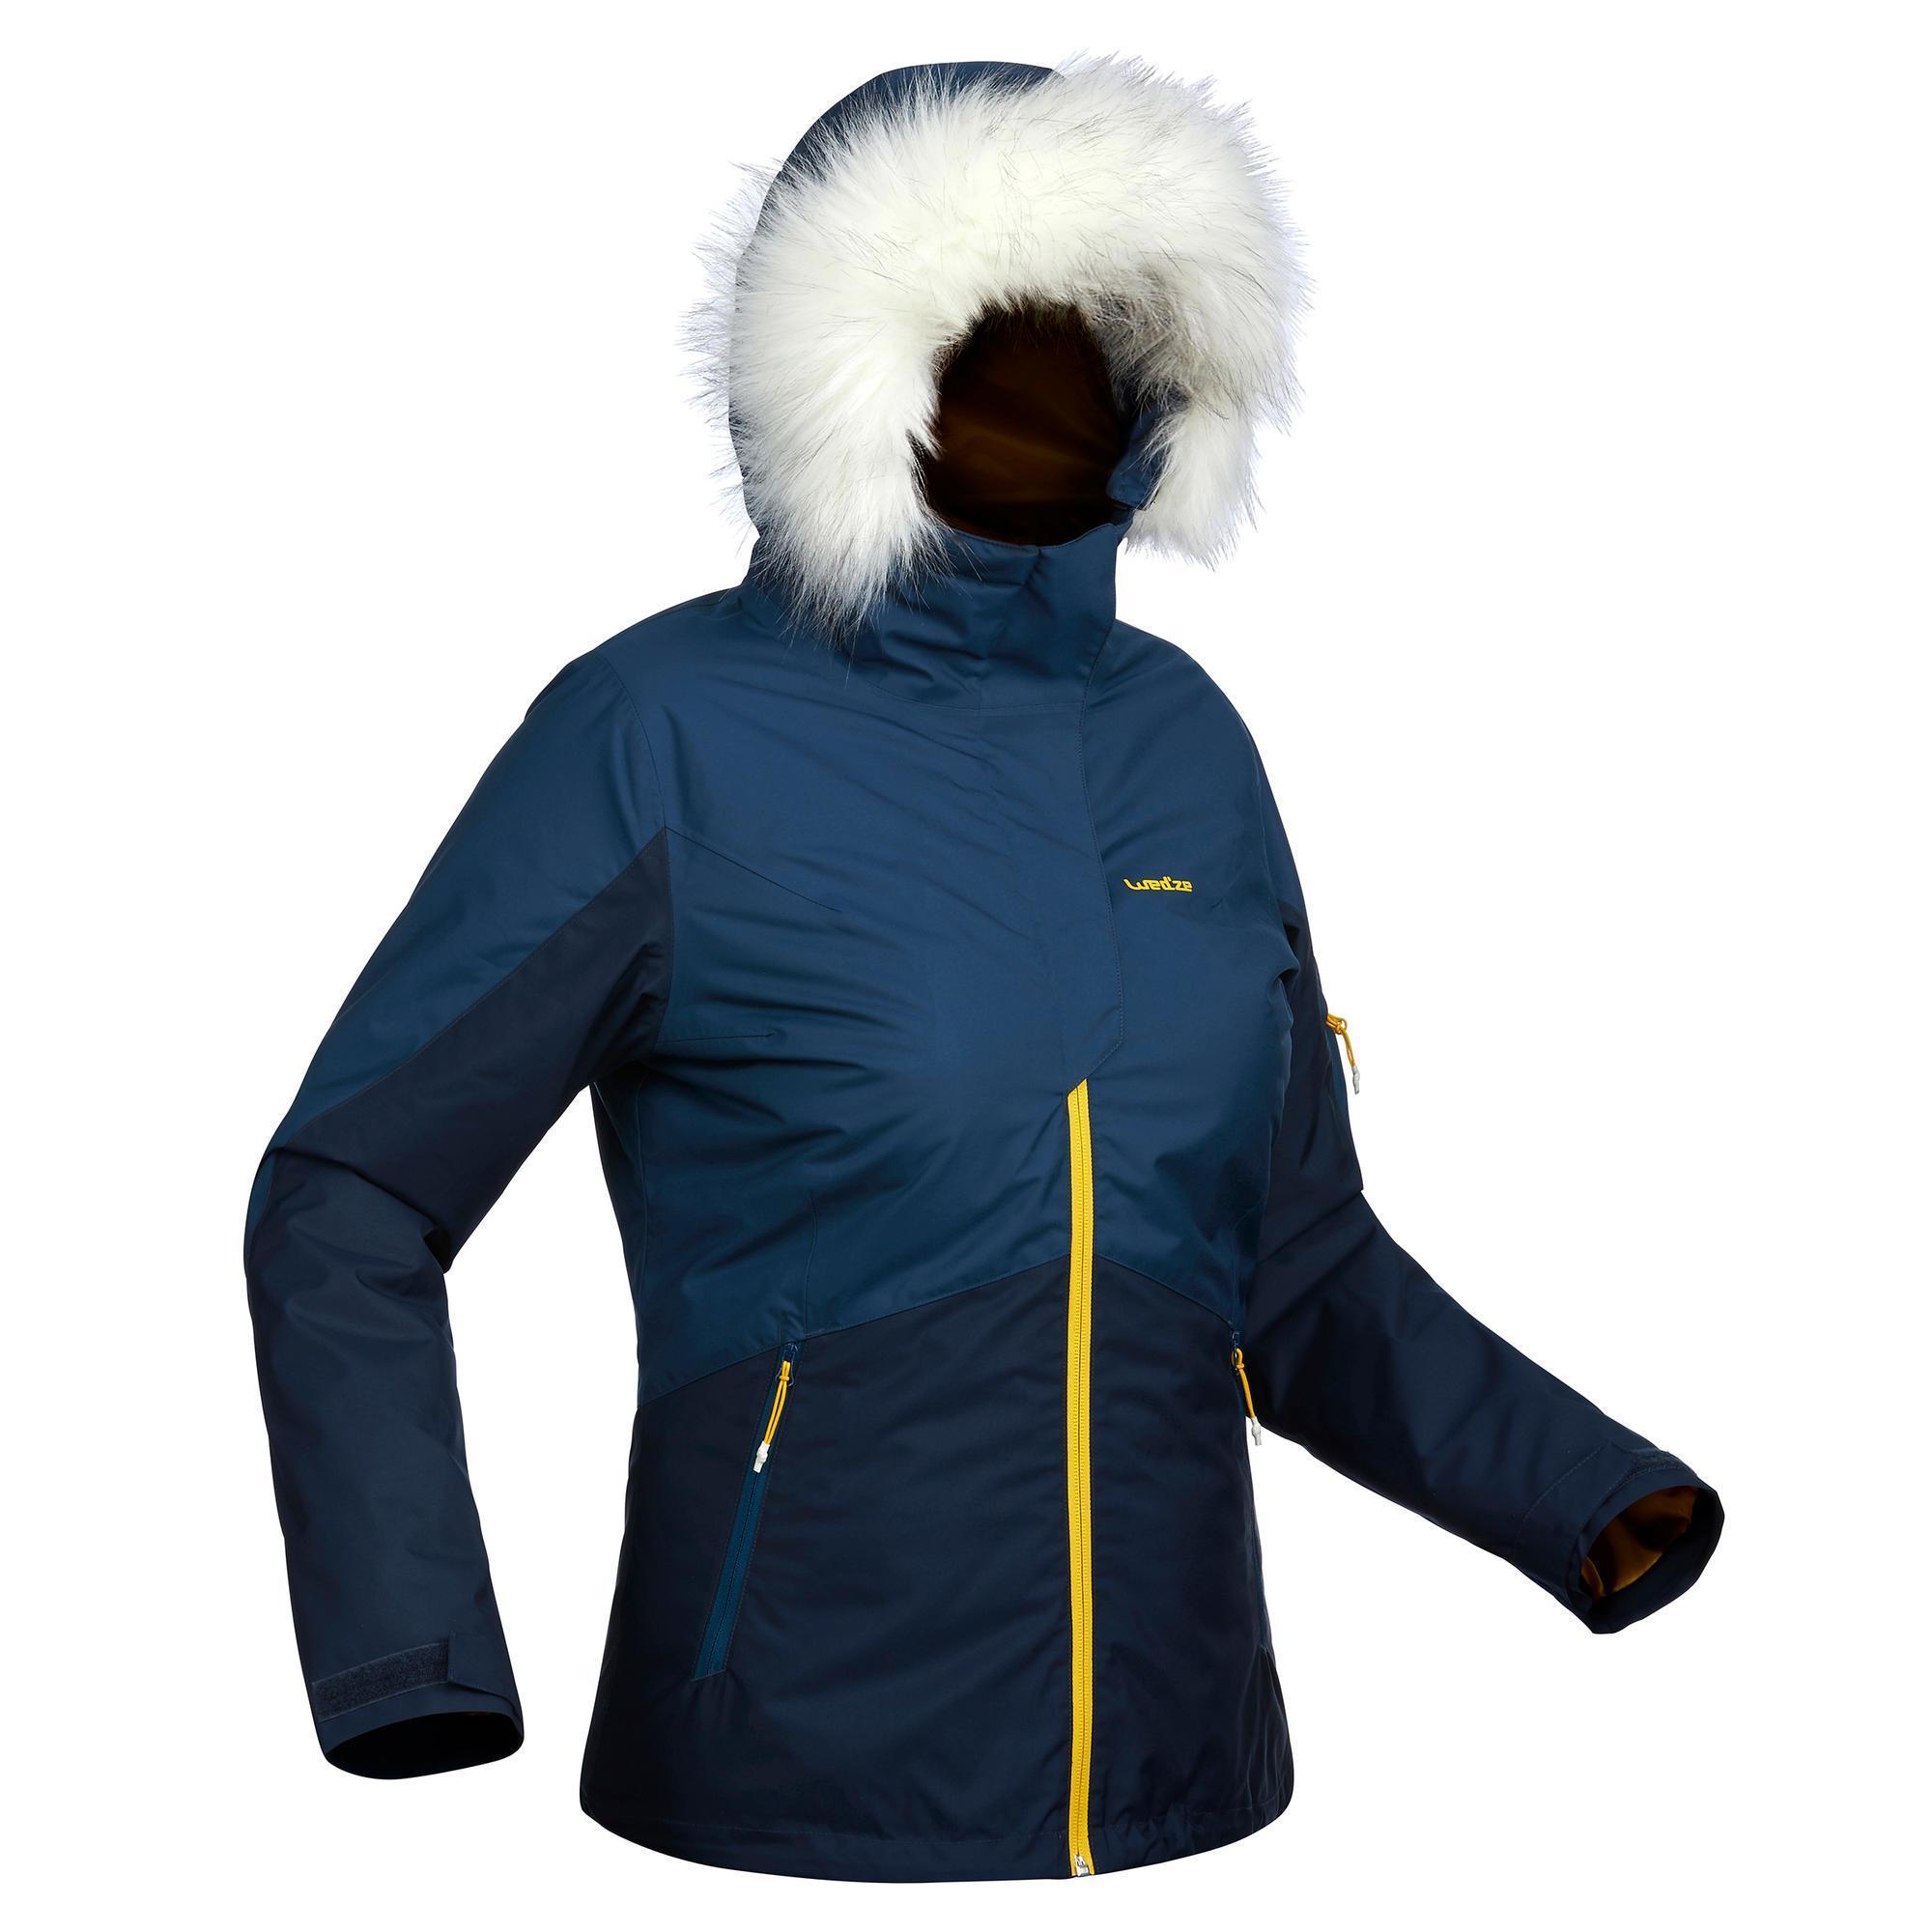 Skijacke Piste 150 Damen marineblau | Sportbekleidung > Sportjacken > Skijacken | Blau | Wed´ze